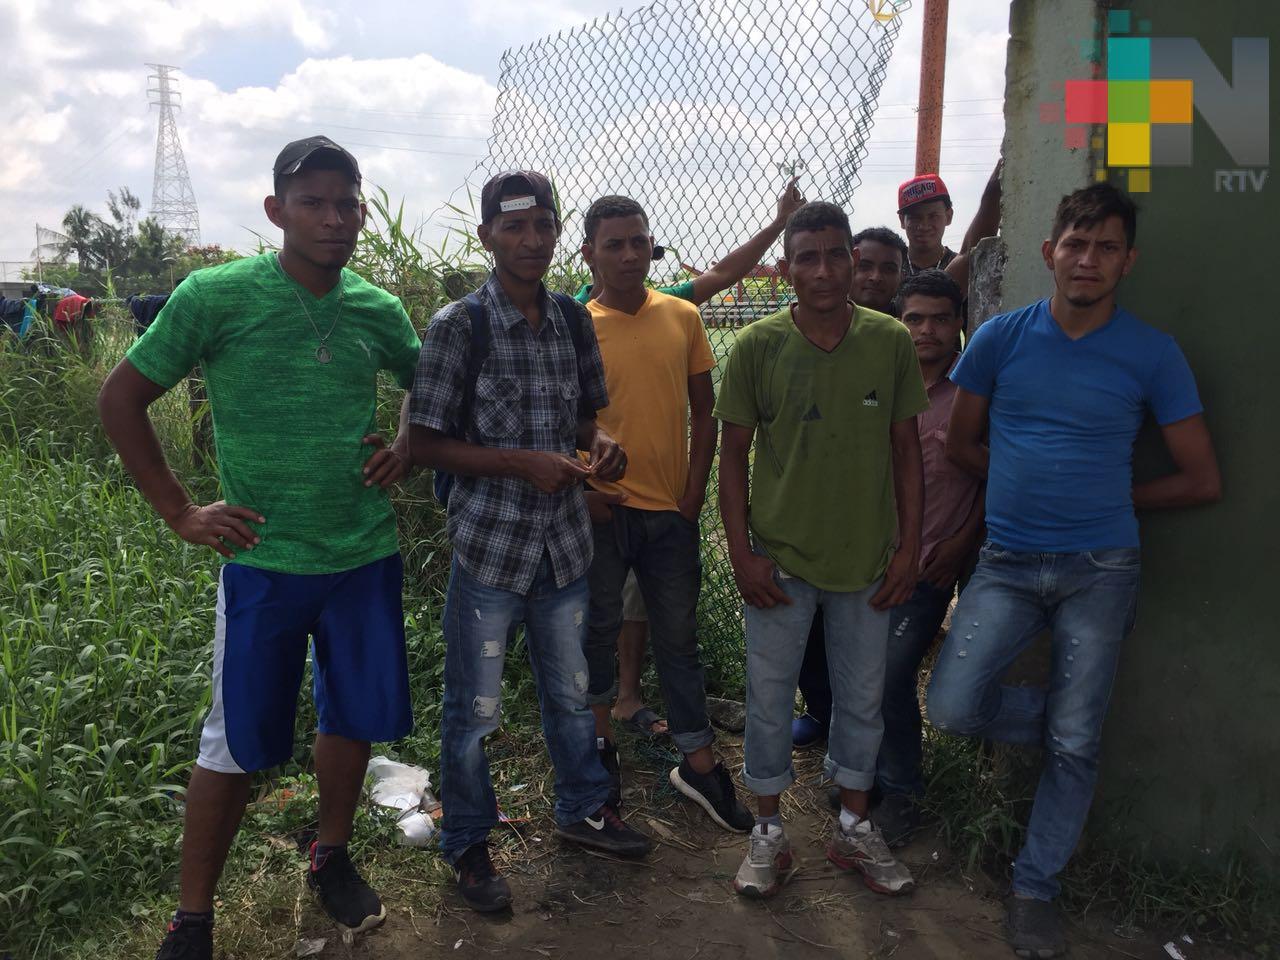 Ningún migrante ha reportado alguna violación de sus derechos humanos en Coatzacoalcos